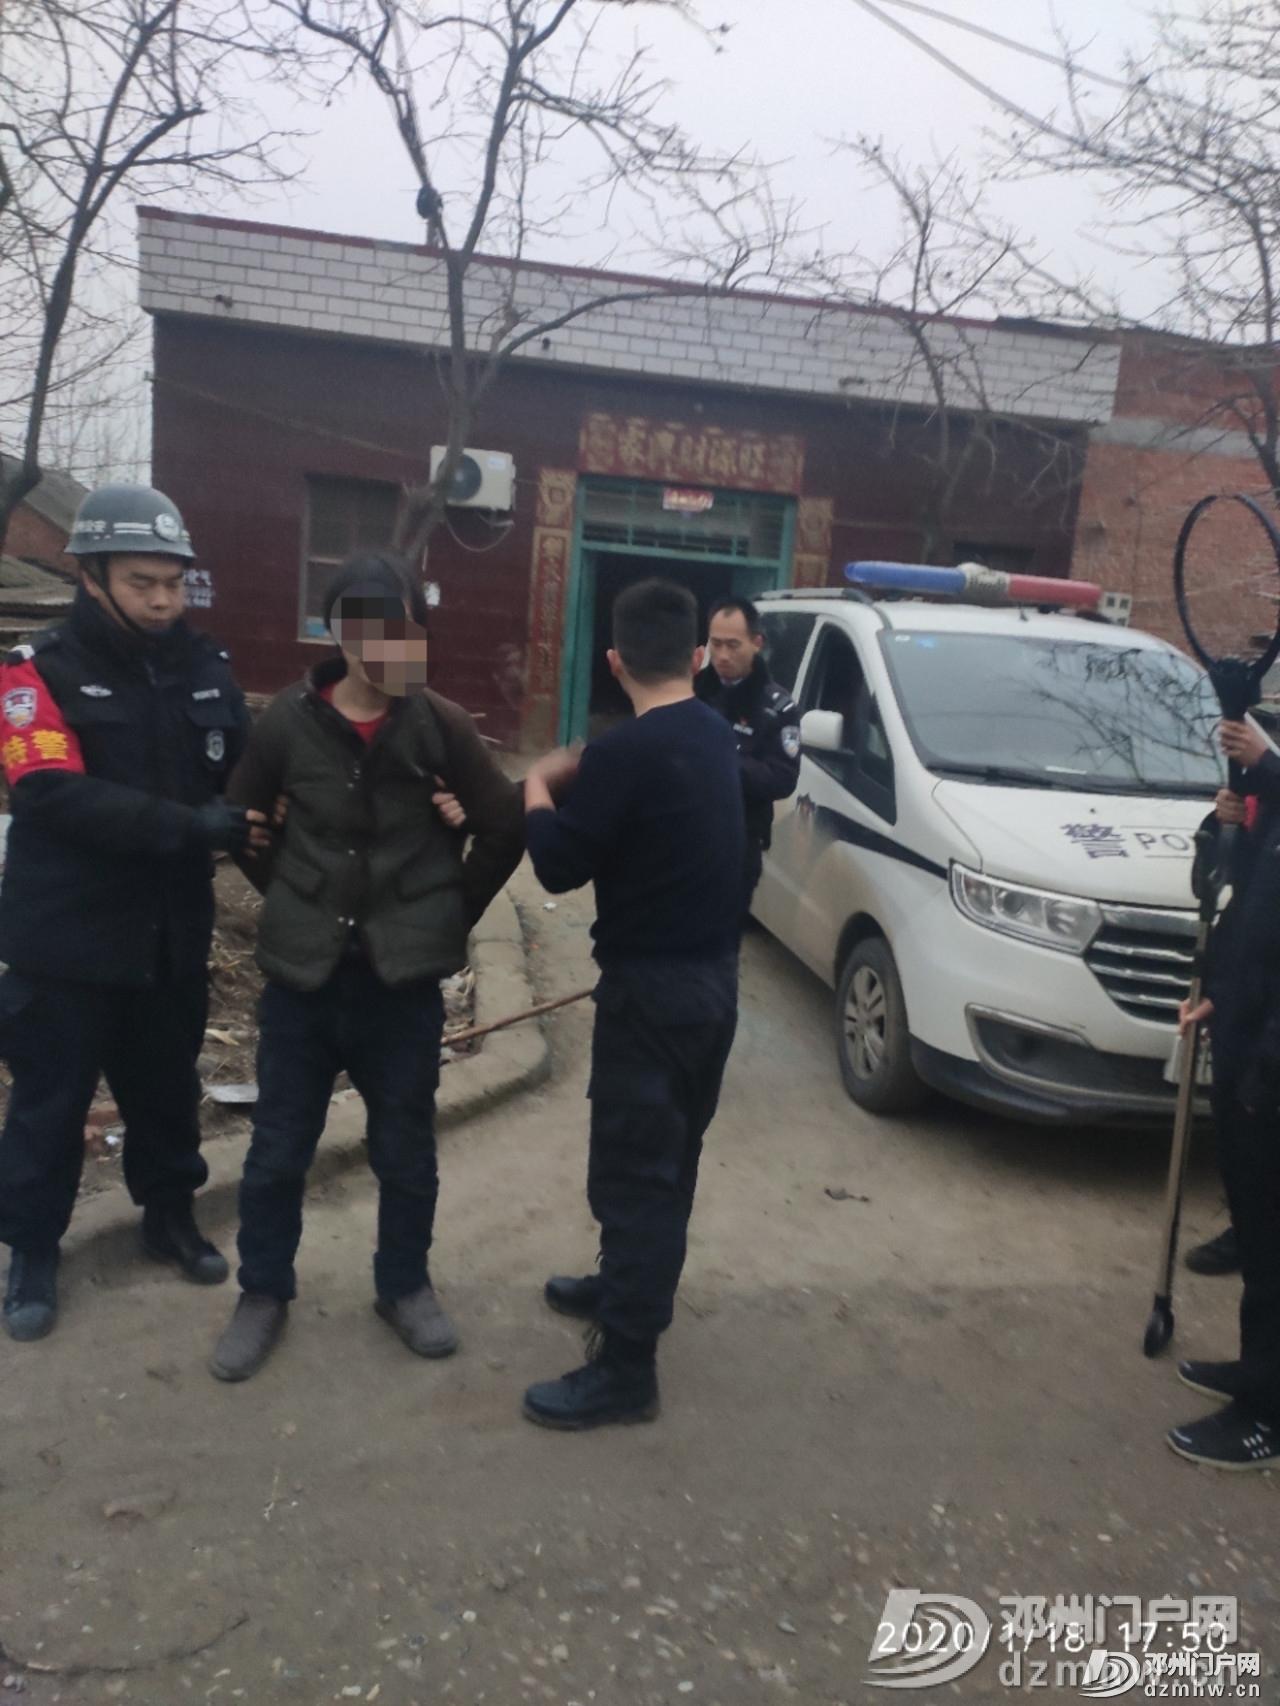 嚣张!邓州一男子殴打民警、打砸警车,骚扰前妻... - 邓州门户网|邓州网 - 15fed568fa83e9b8cc59a04c0ec3ca37.jpg